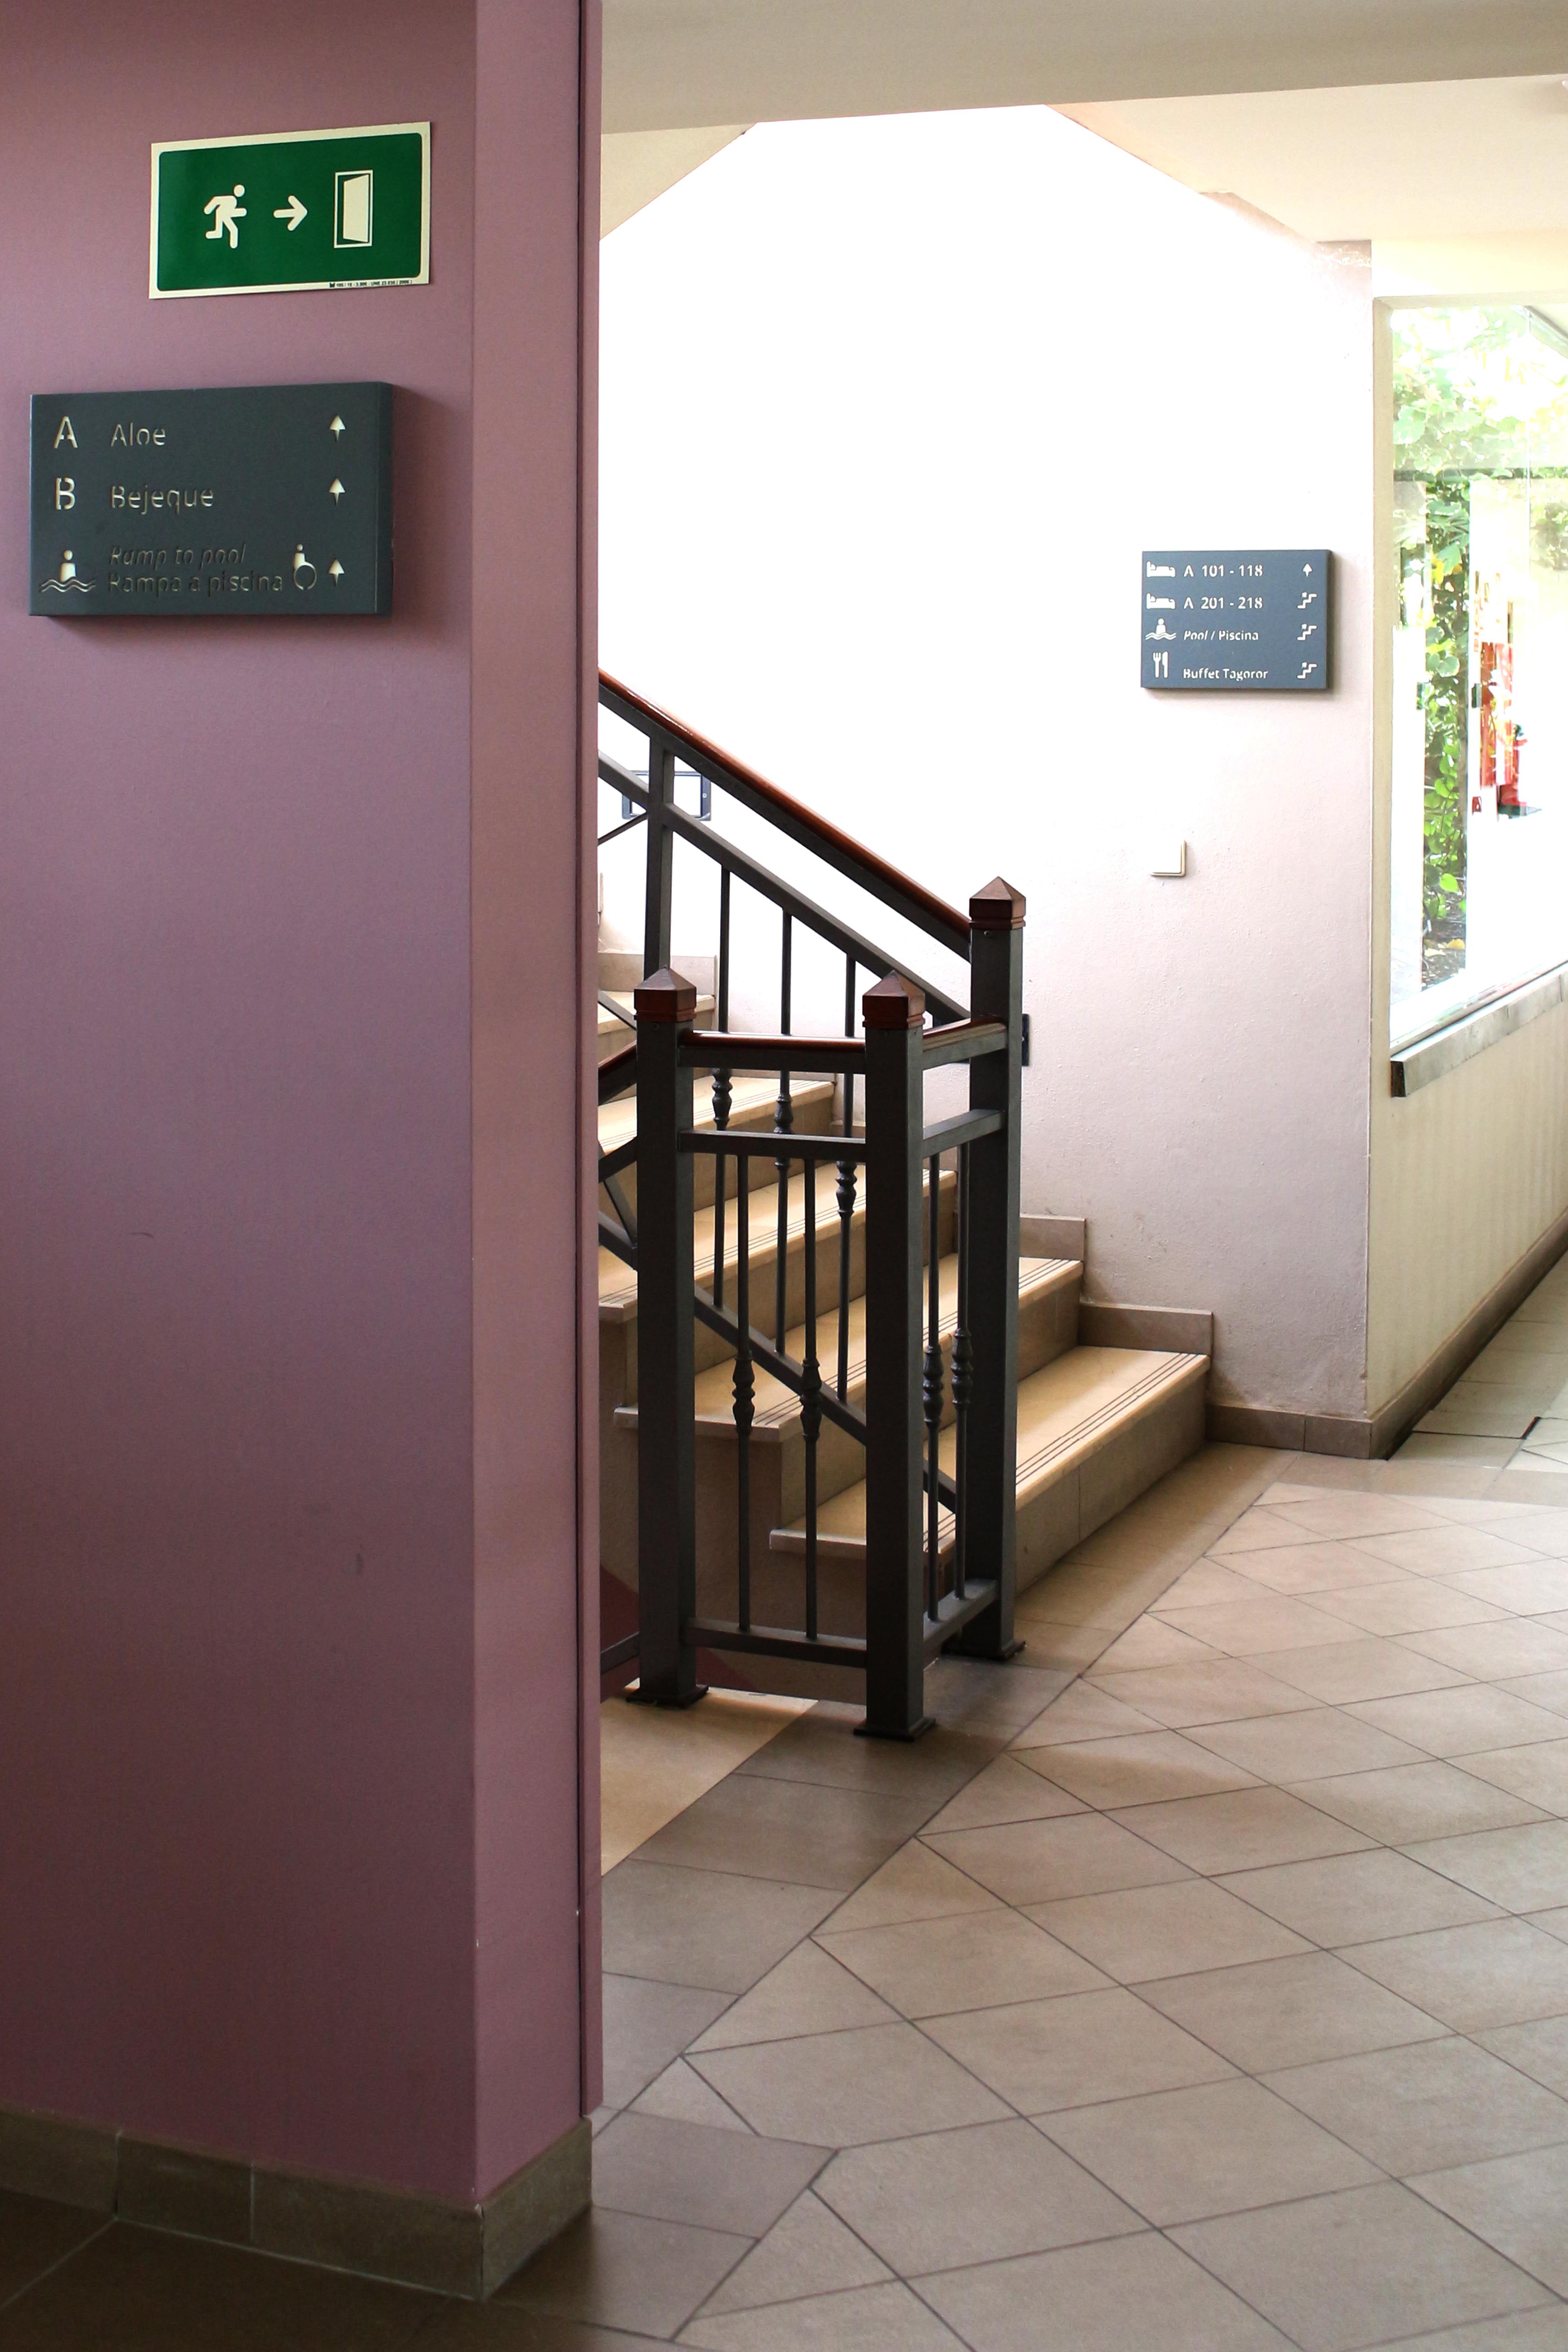 Señalización hotelera en chapa de hierro hueco-grabada, Marylanza, Los Cristianos.